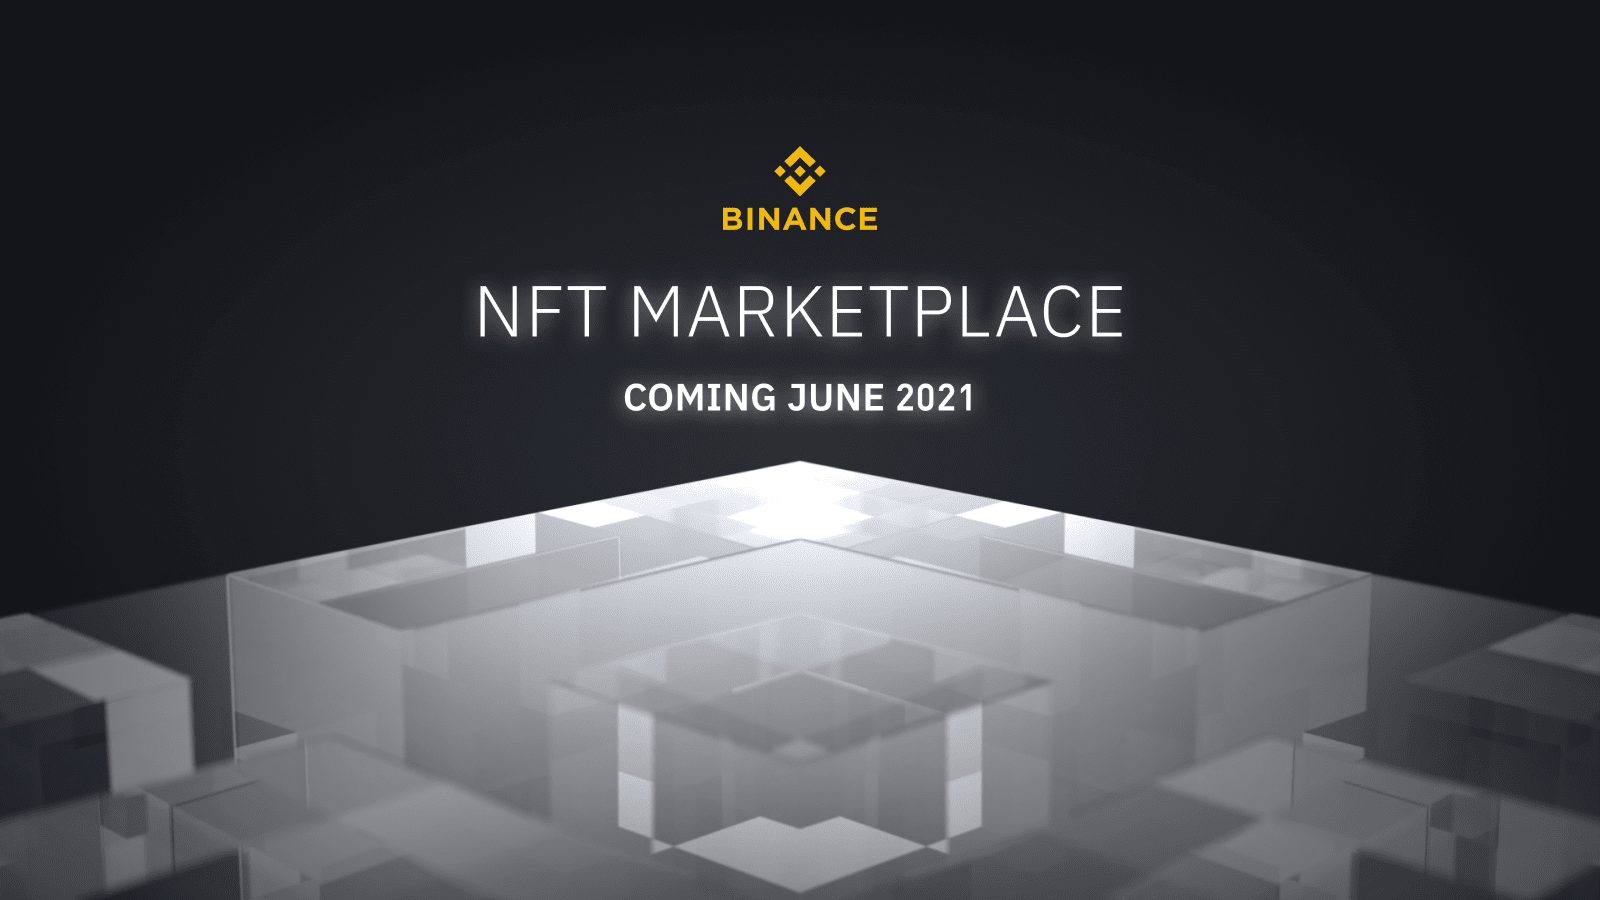 Top 5 dự án NFT tiềm năng  trên Binance NFT trong tháng 6 năm 2021